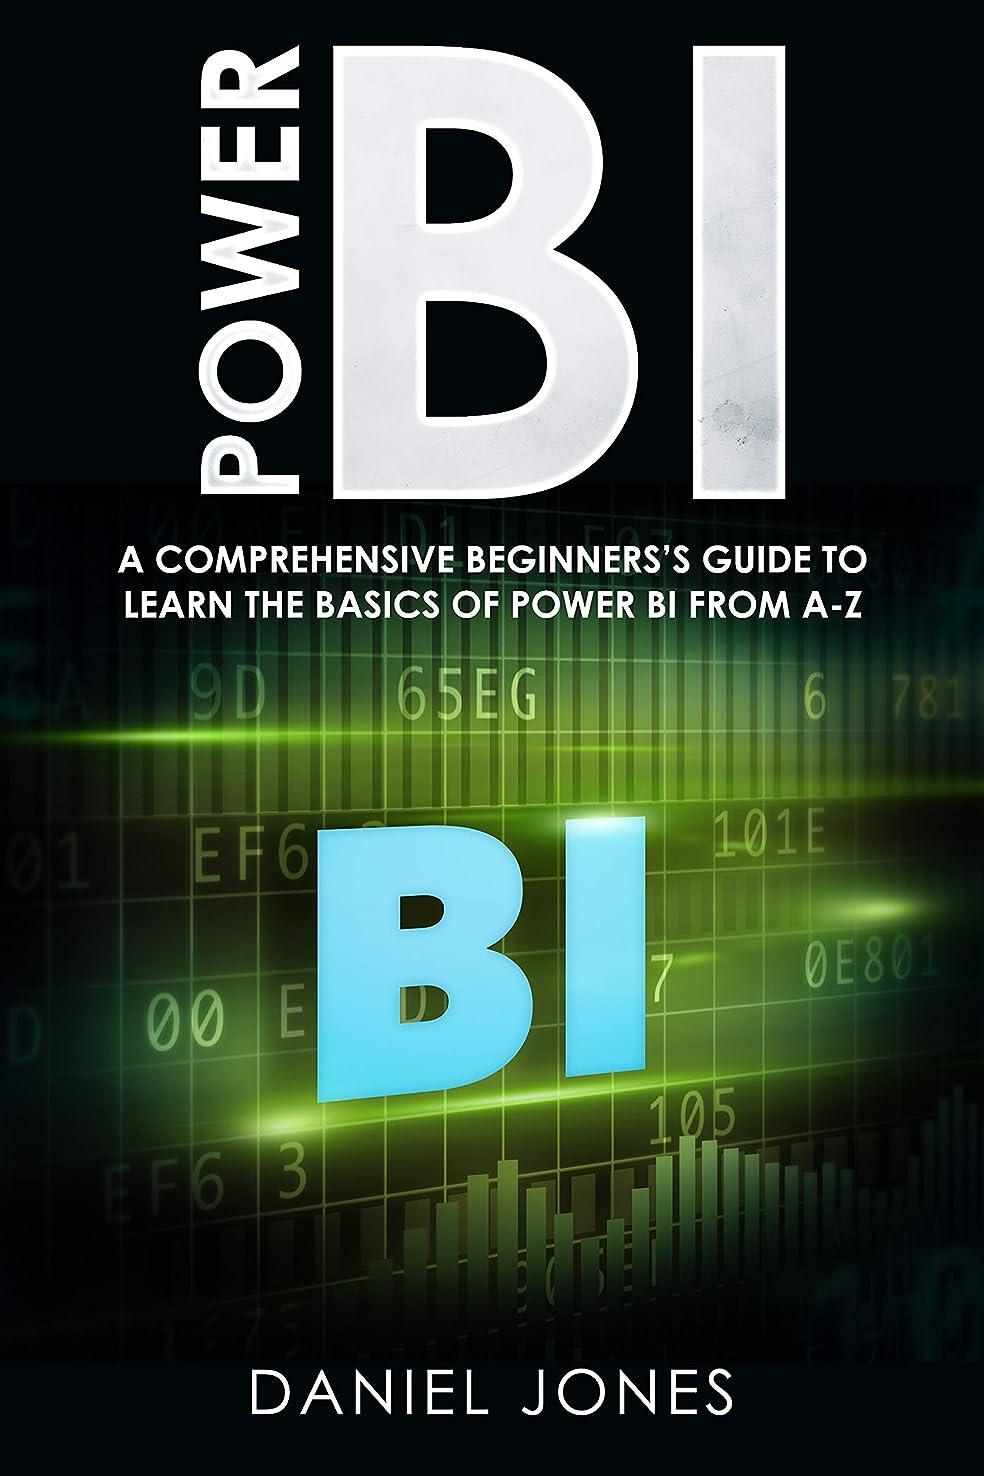 整理する機会忠実にPower BI: A Comprehensive Beginner's Guide to Learn the Basics of Power BI from A-Z (English Edition)